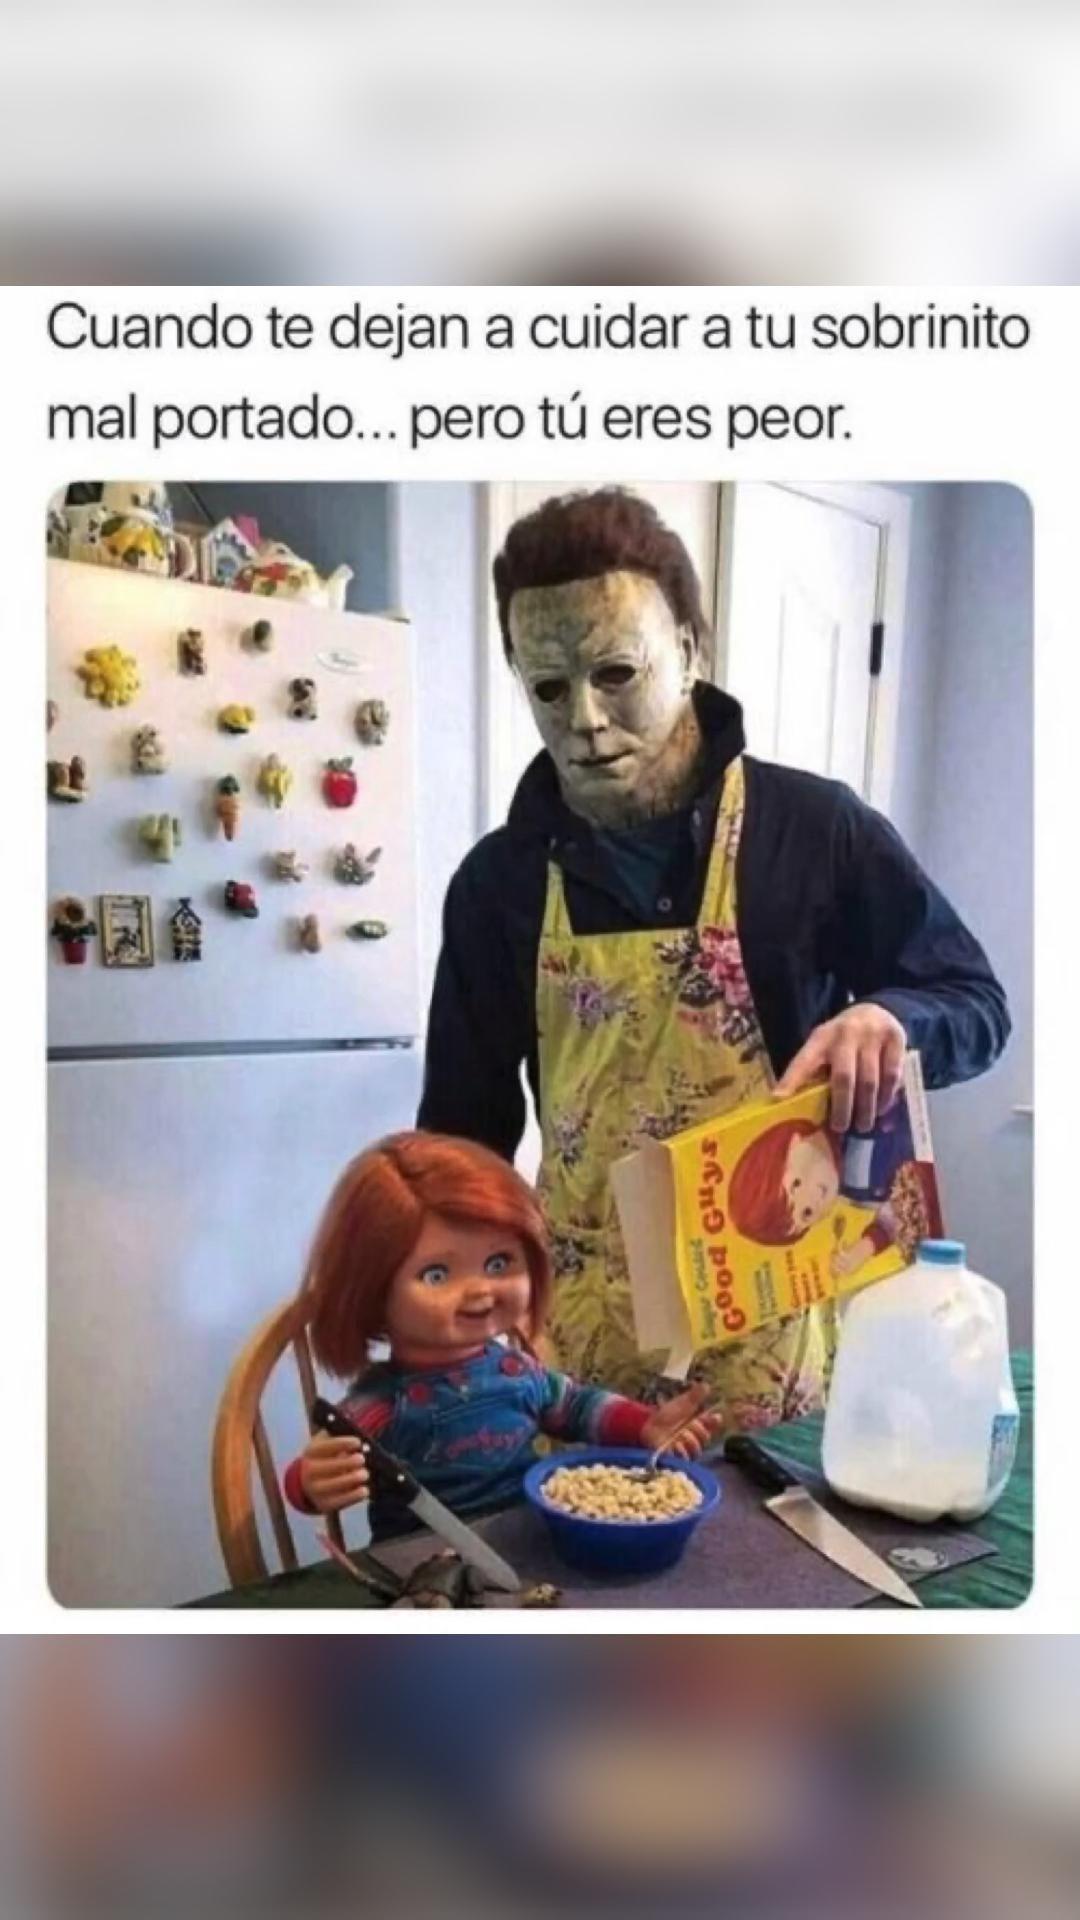 Memes de sobrinos